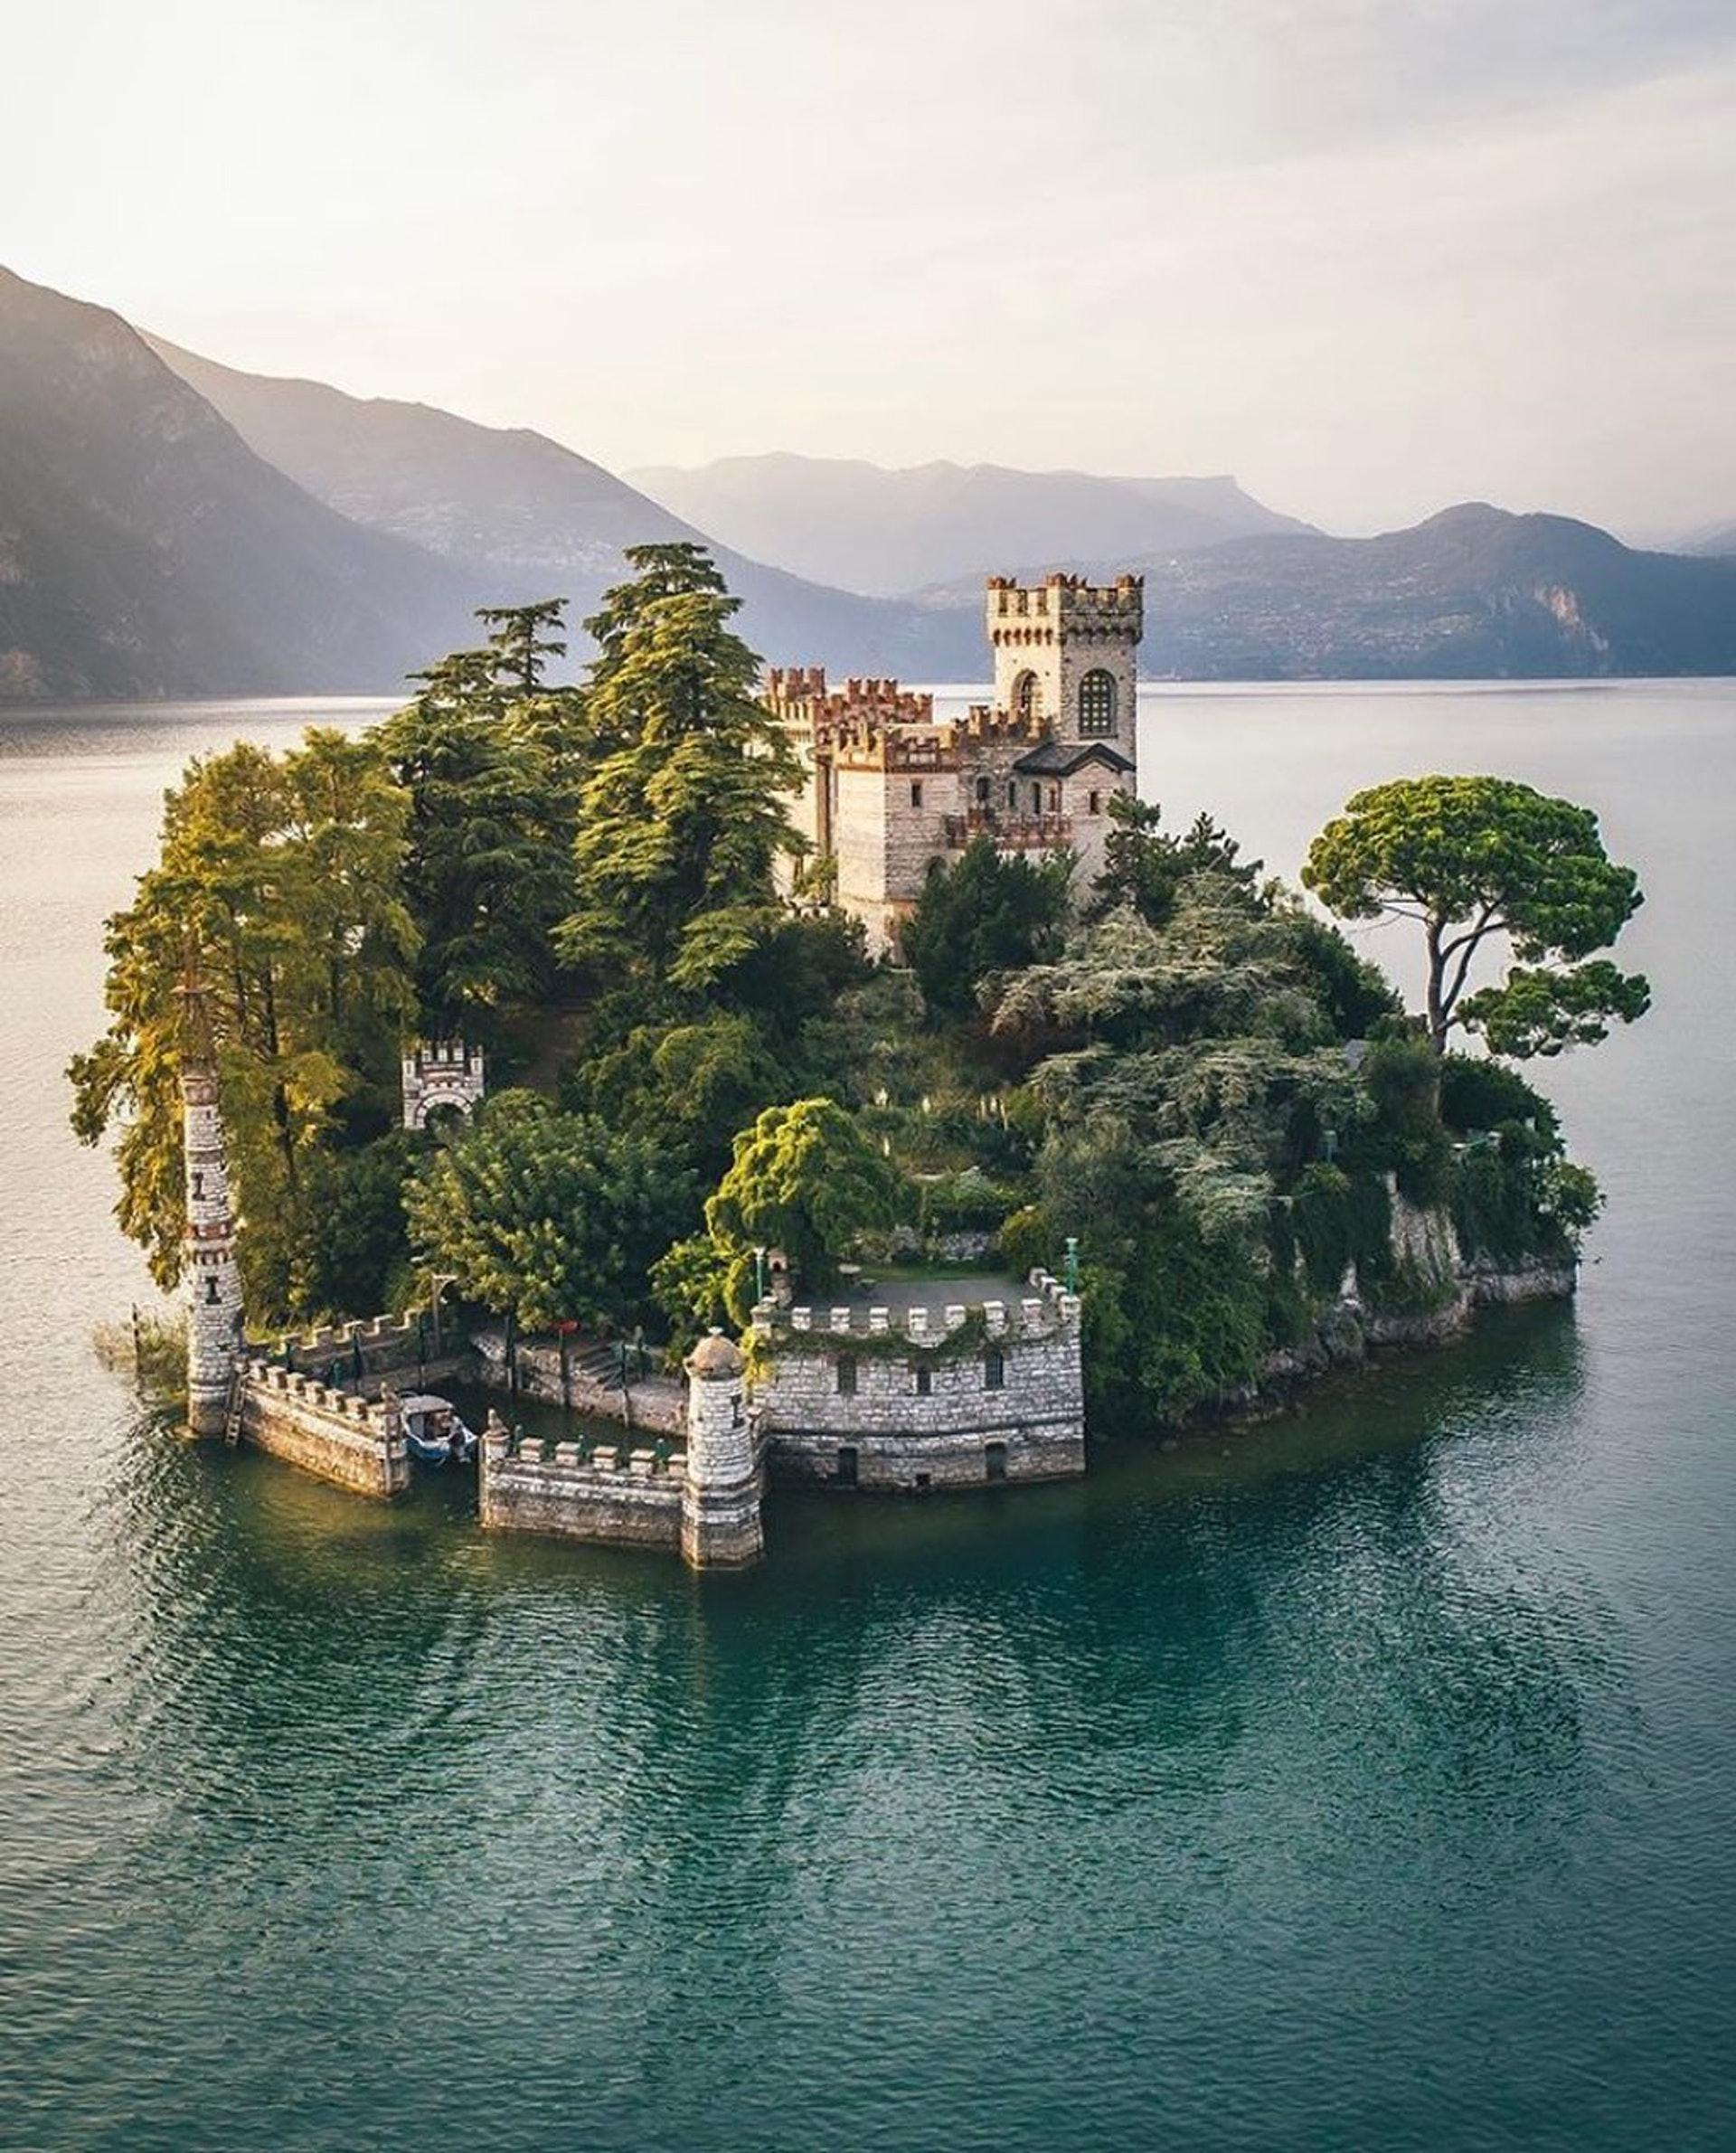 意大利北部伊塞奧湖小島堡壘(travelcommunity / IG)